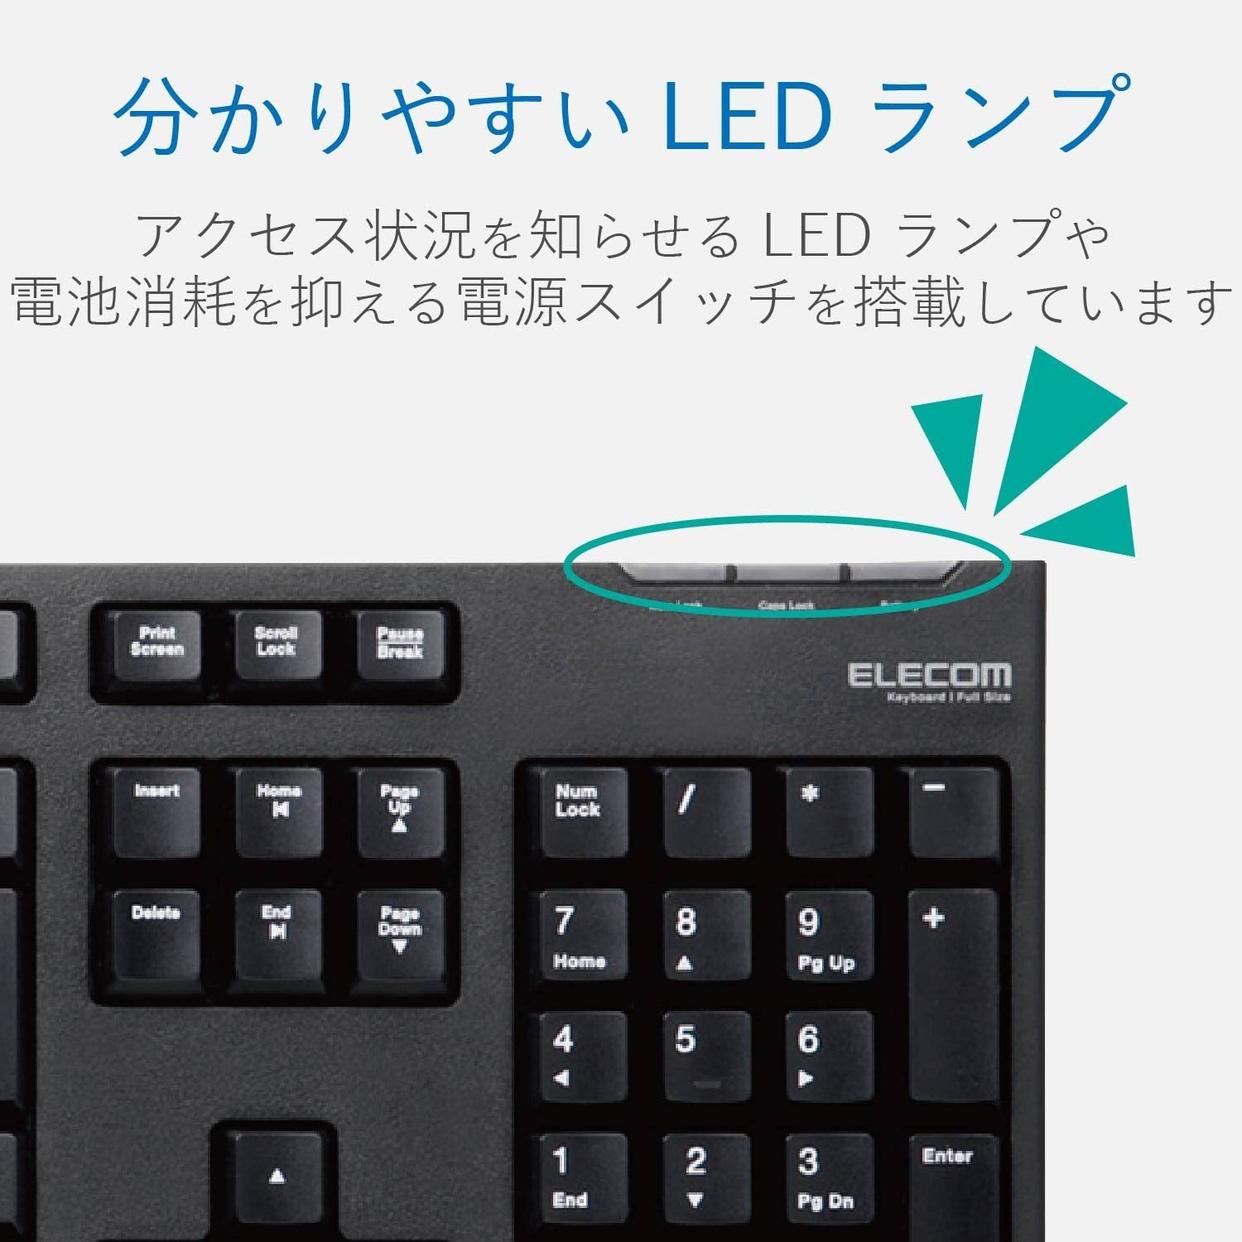 ELECOM(エレコム) ワイヤレスフルキーボード&マウス TK-FDM063BKの商品画像4